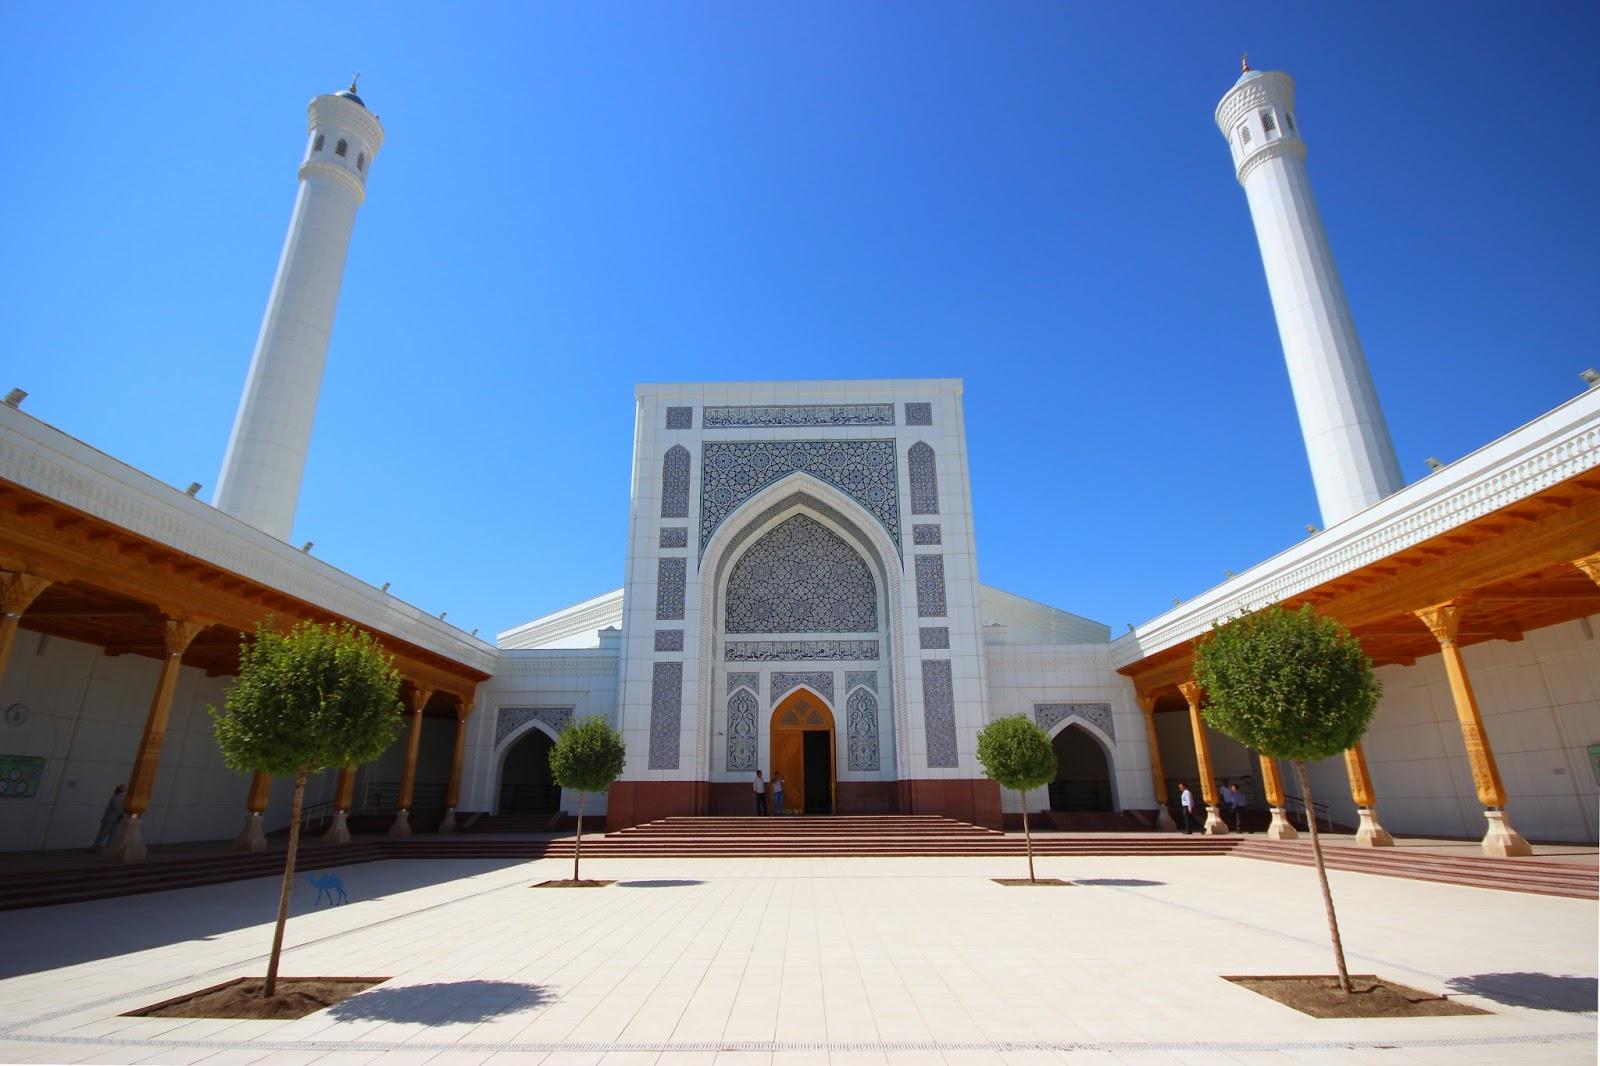 Le Chameau Bleu - Blog Voyage Ouzbékistan - Mosquée Blanche Minor - Tashkent Ouzbékistan